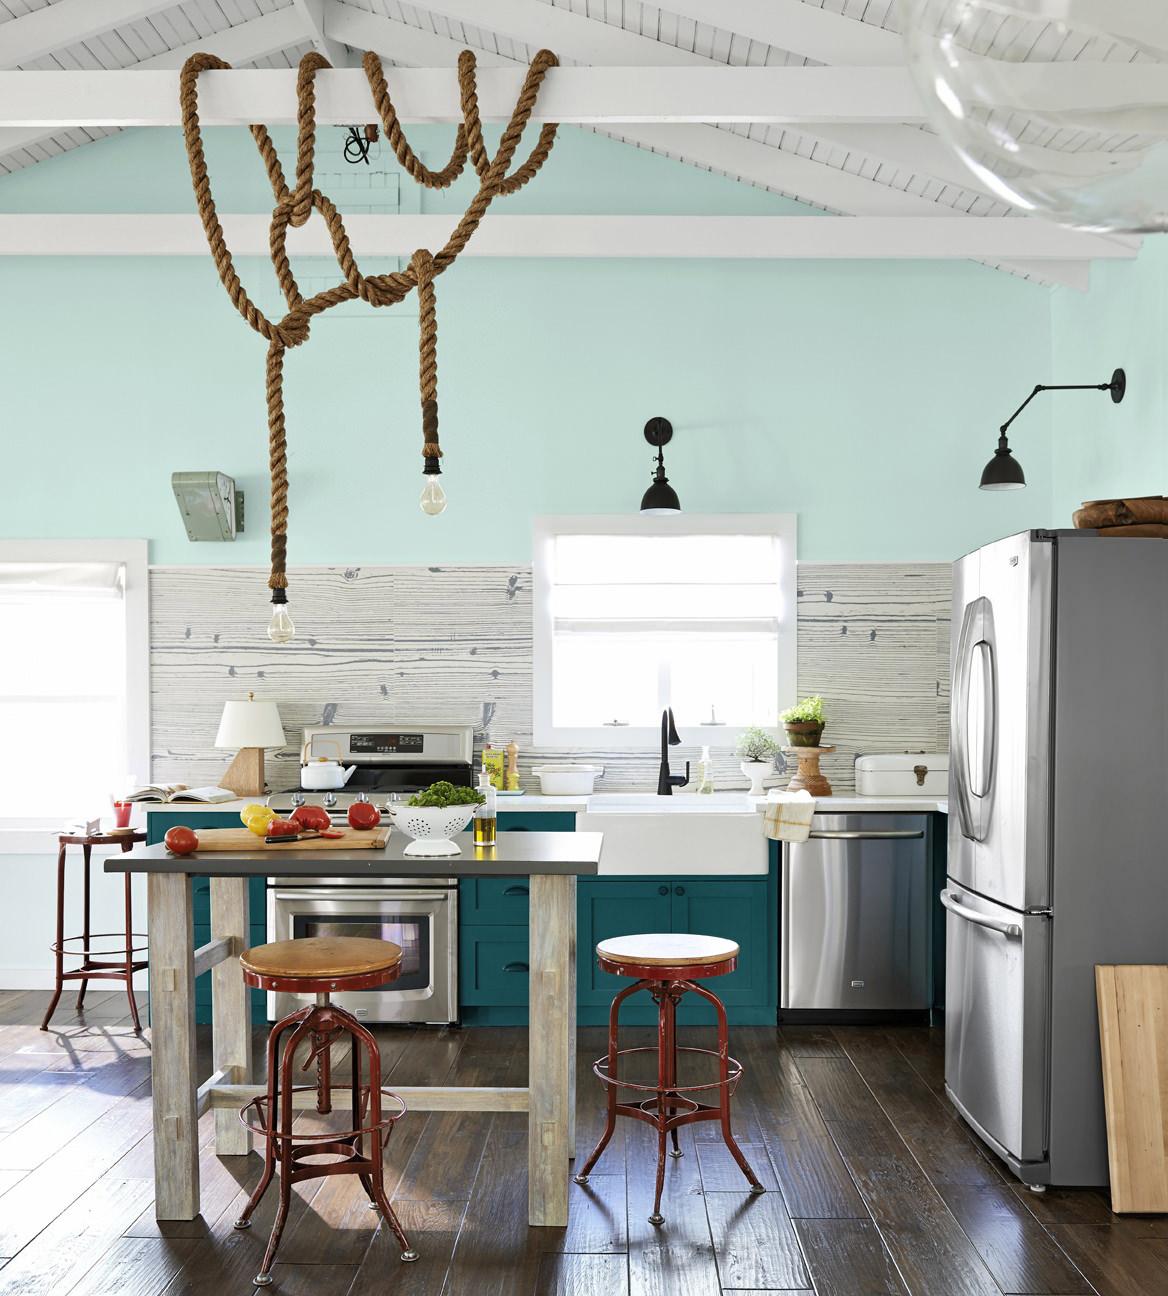 Декоративный канат в интерьере кухни